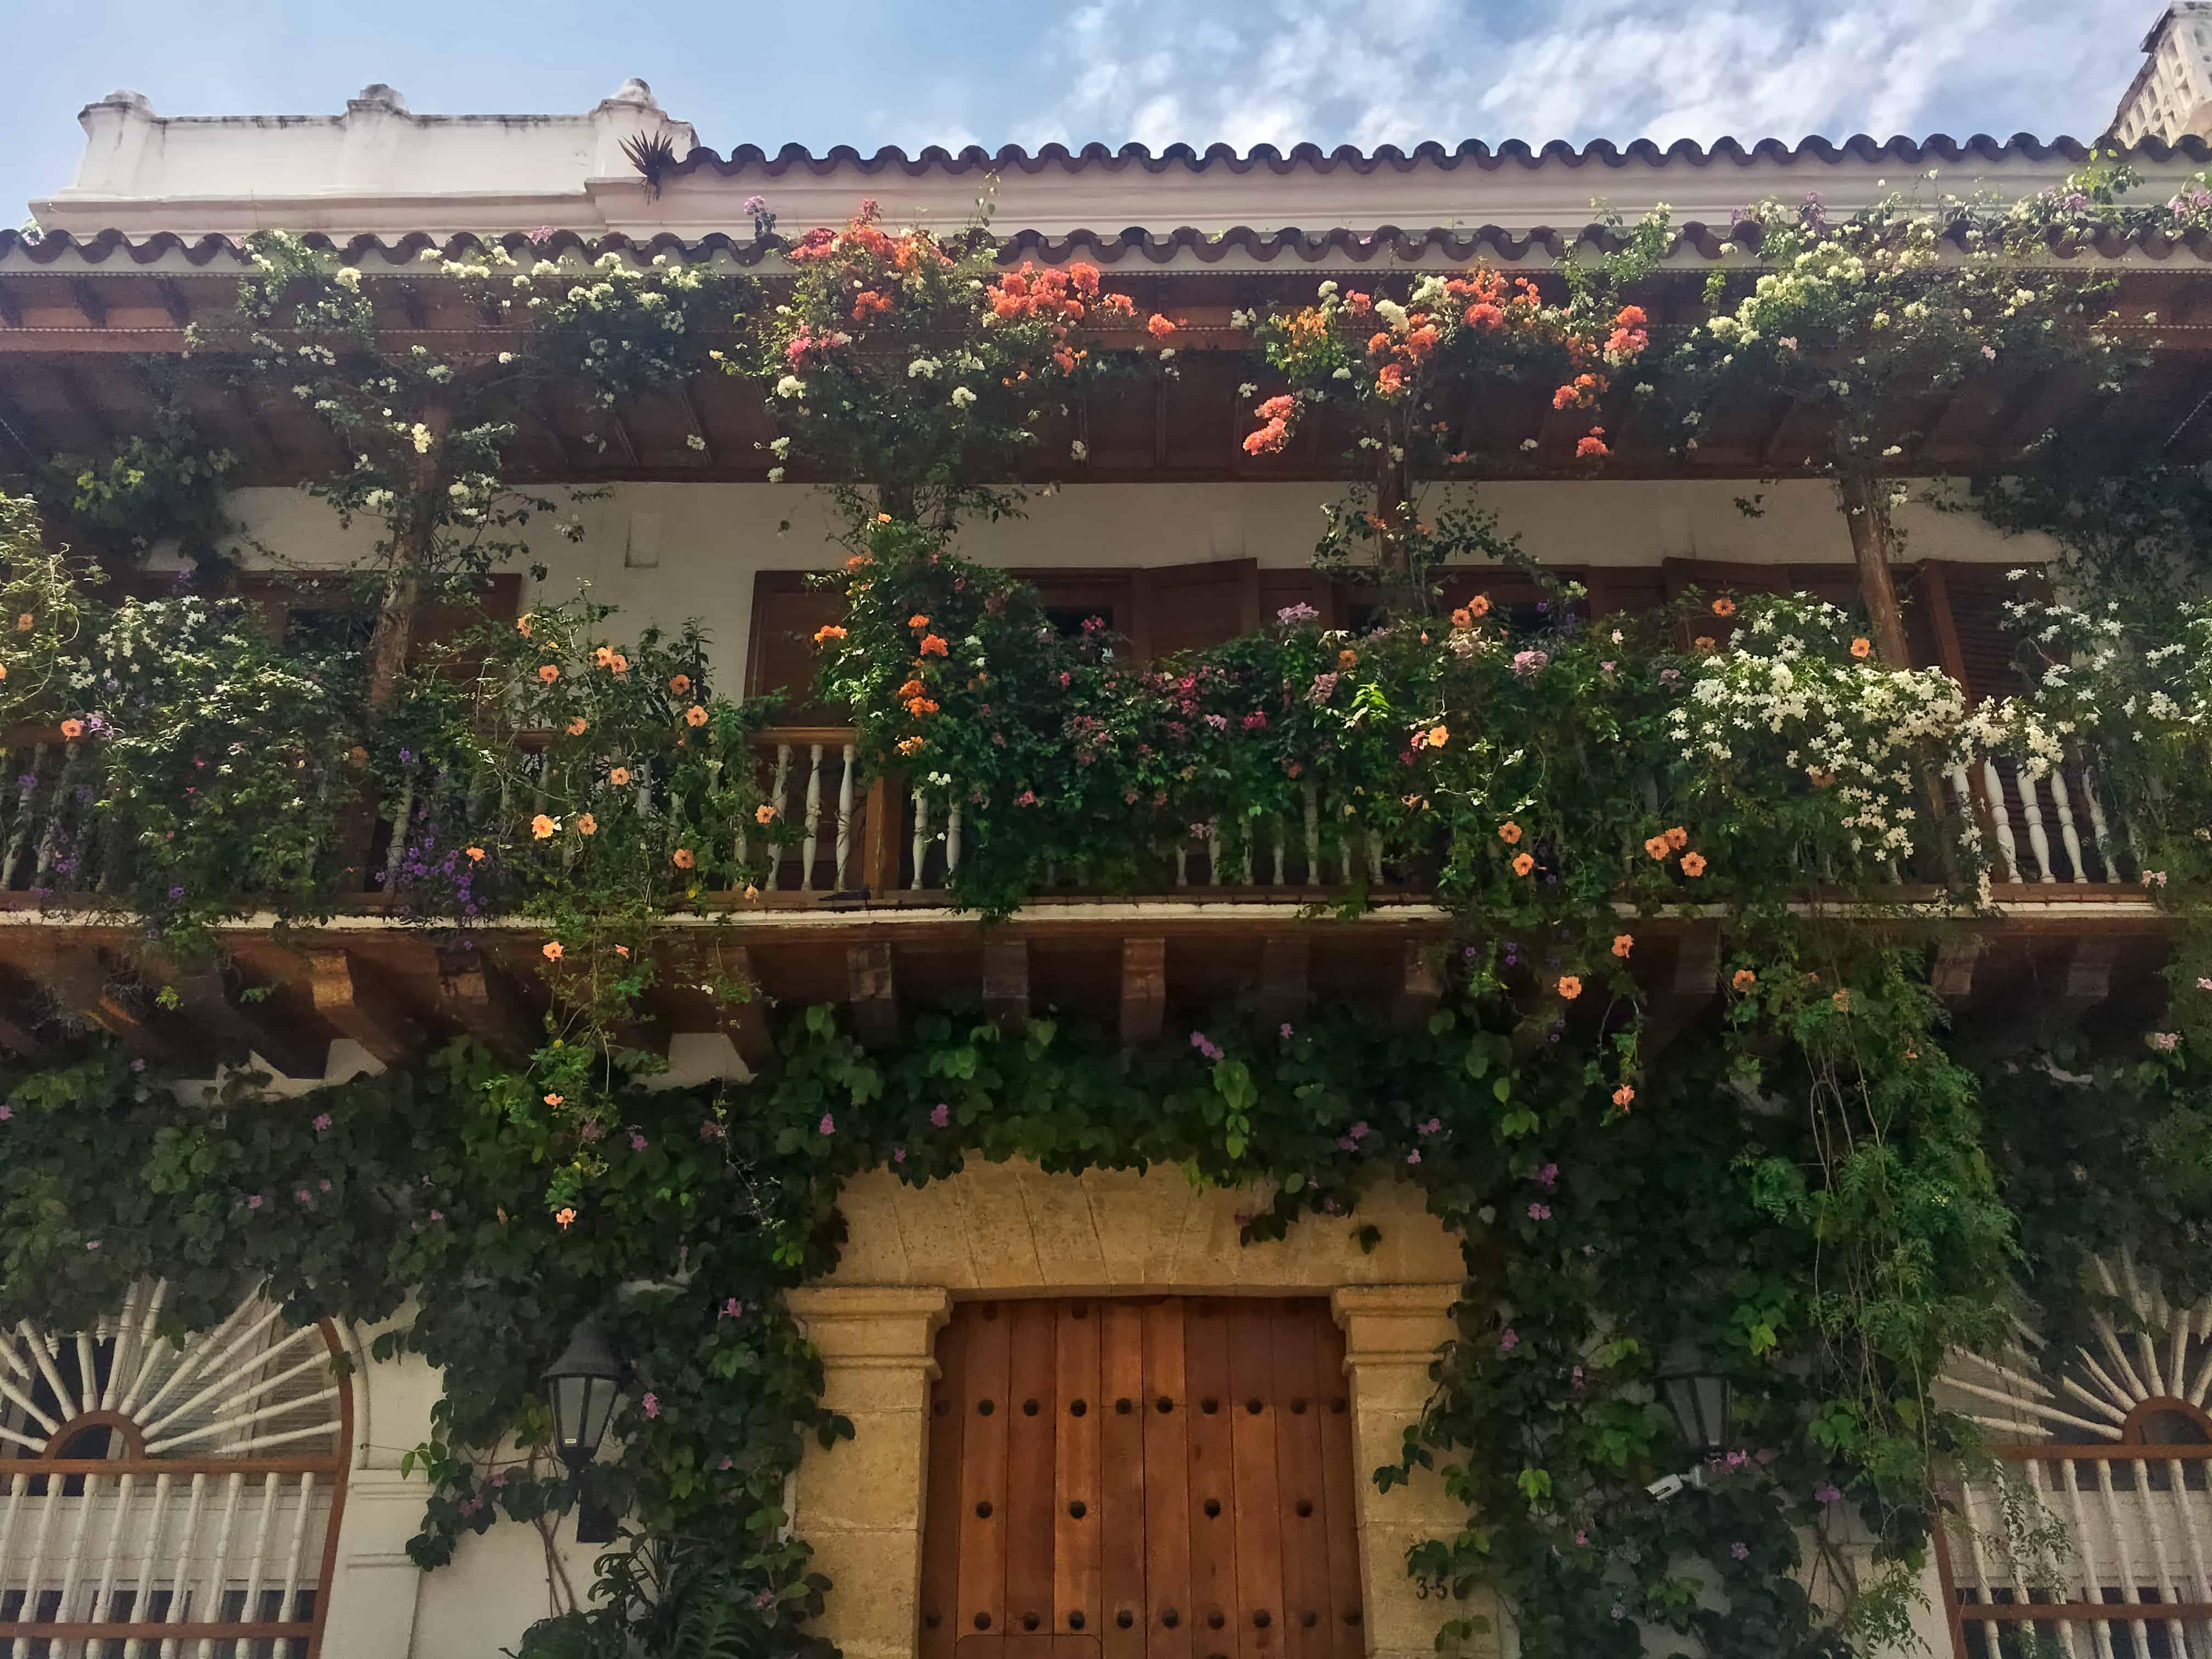 Cartagena Walking Tour - Balcony with Flowers